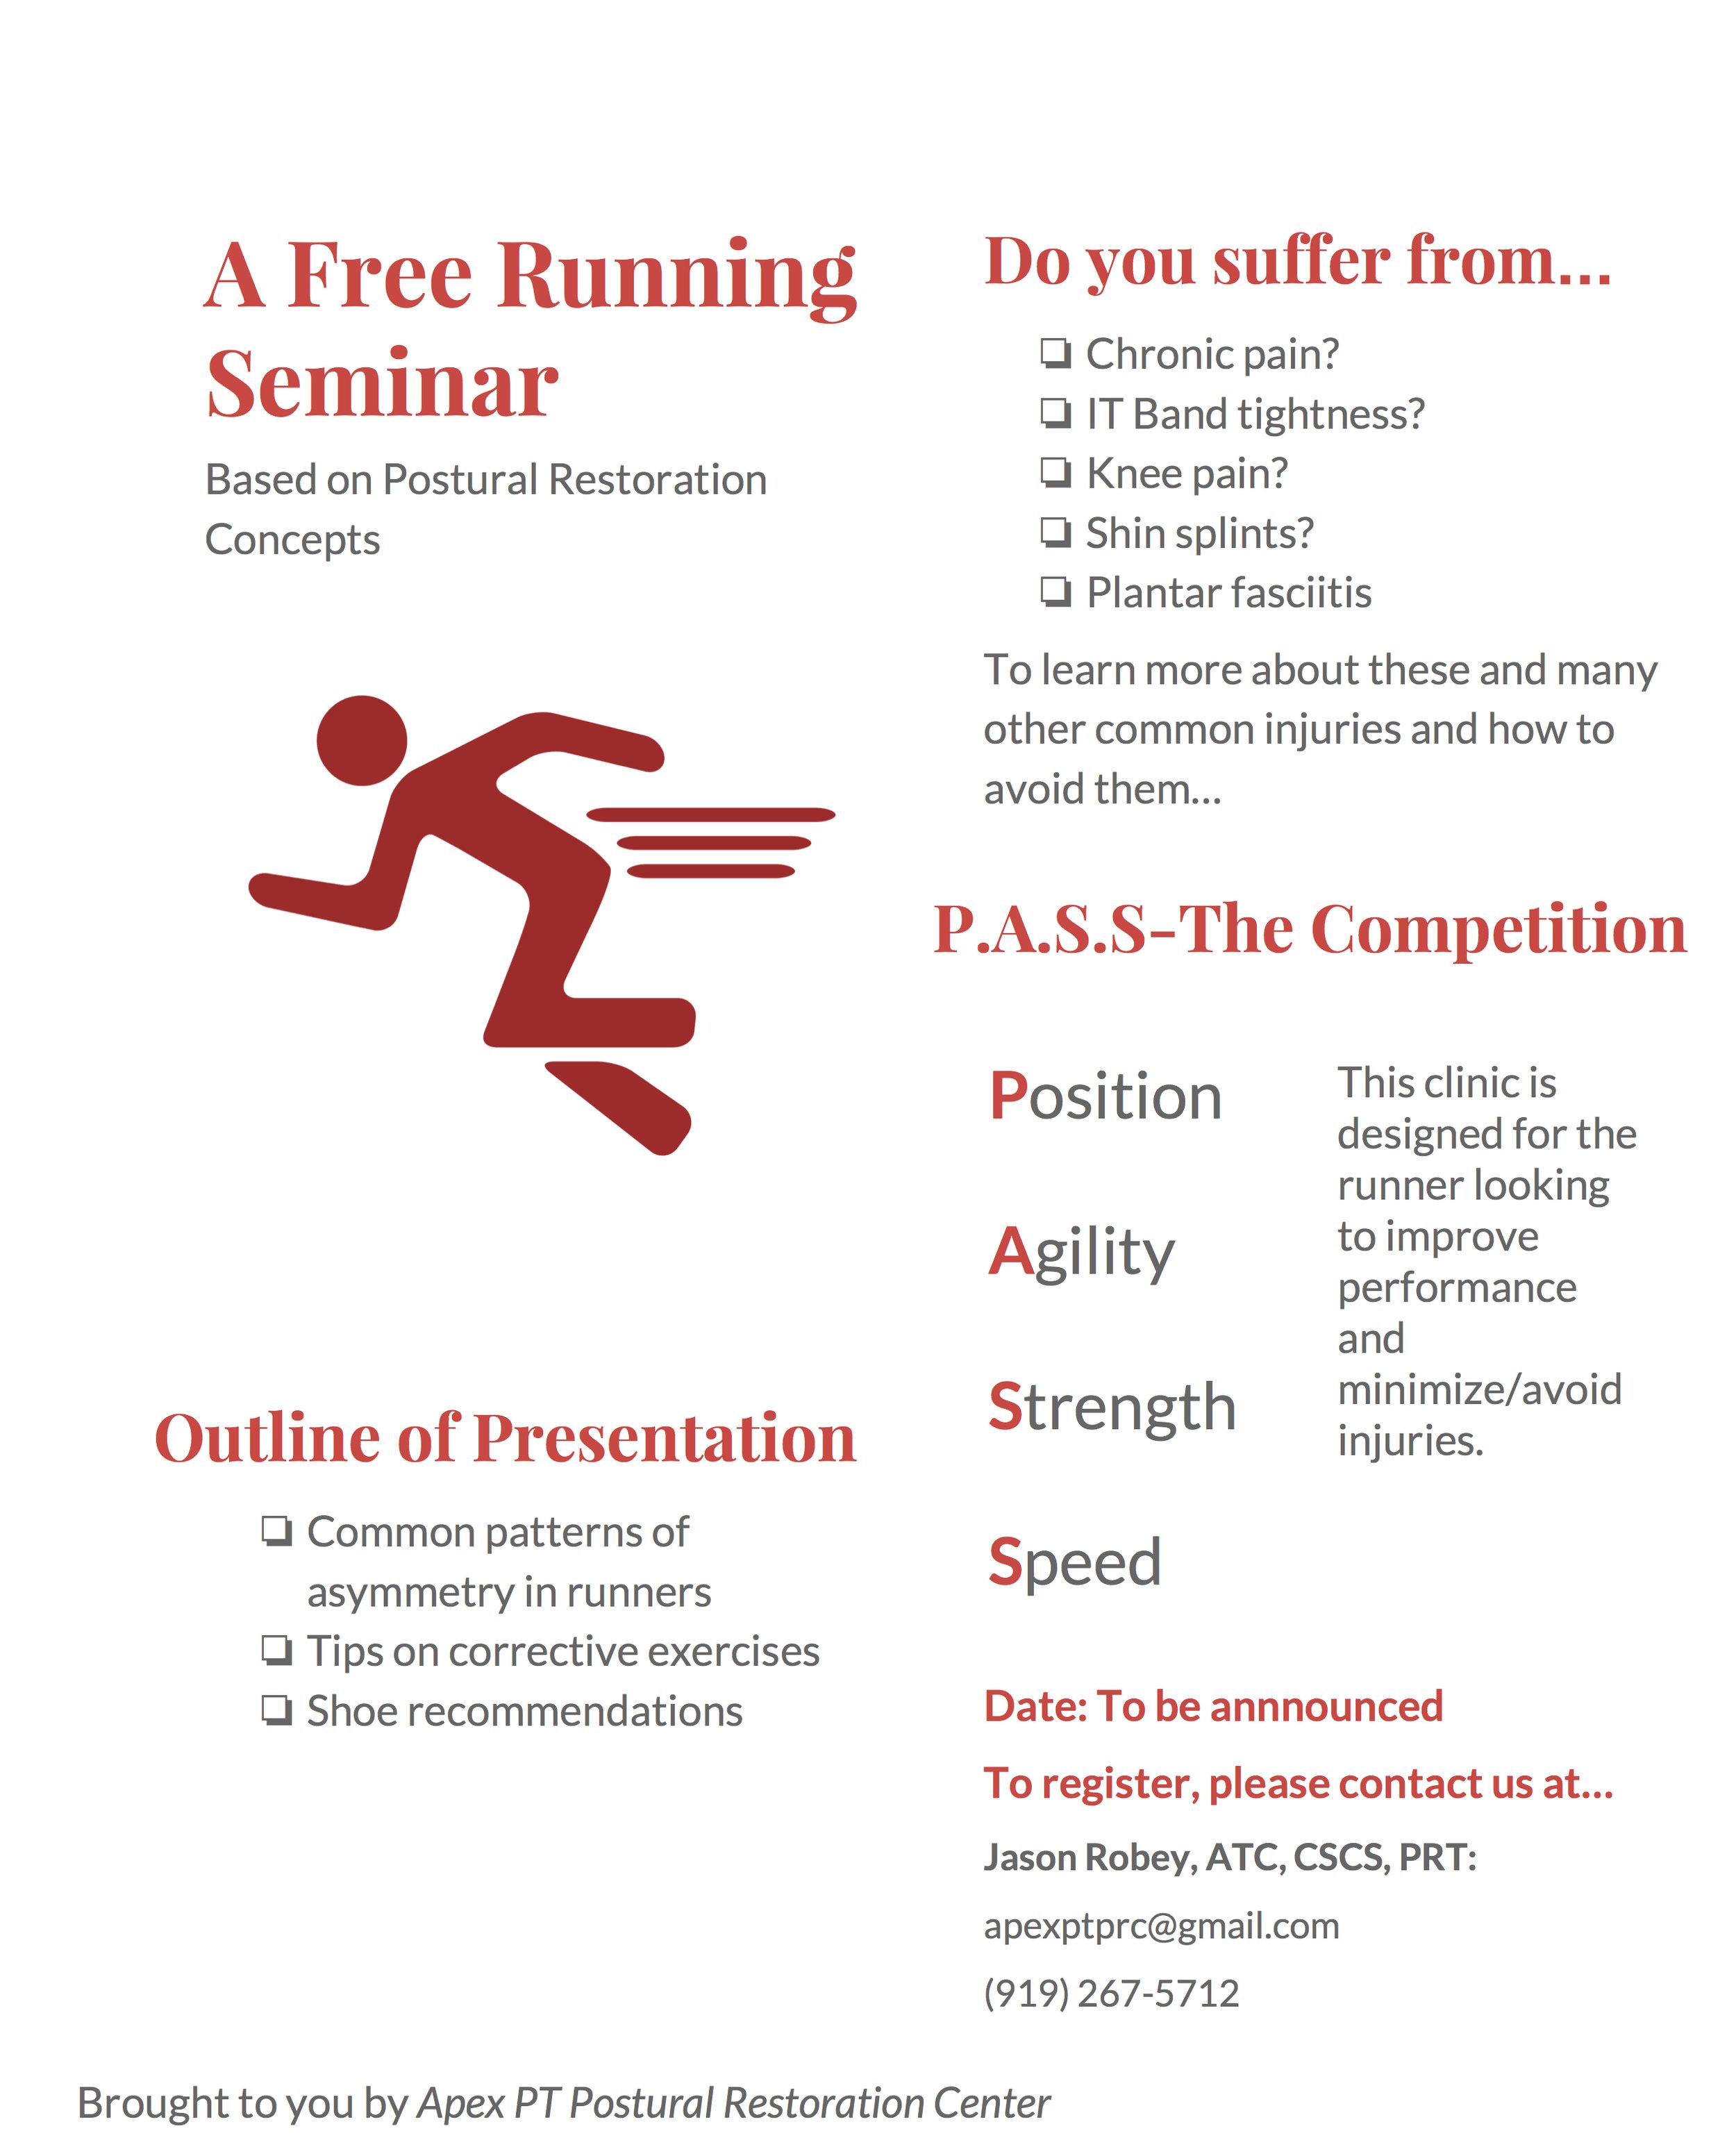 A Free Running Seminar Flyer copy.jpg